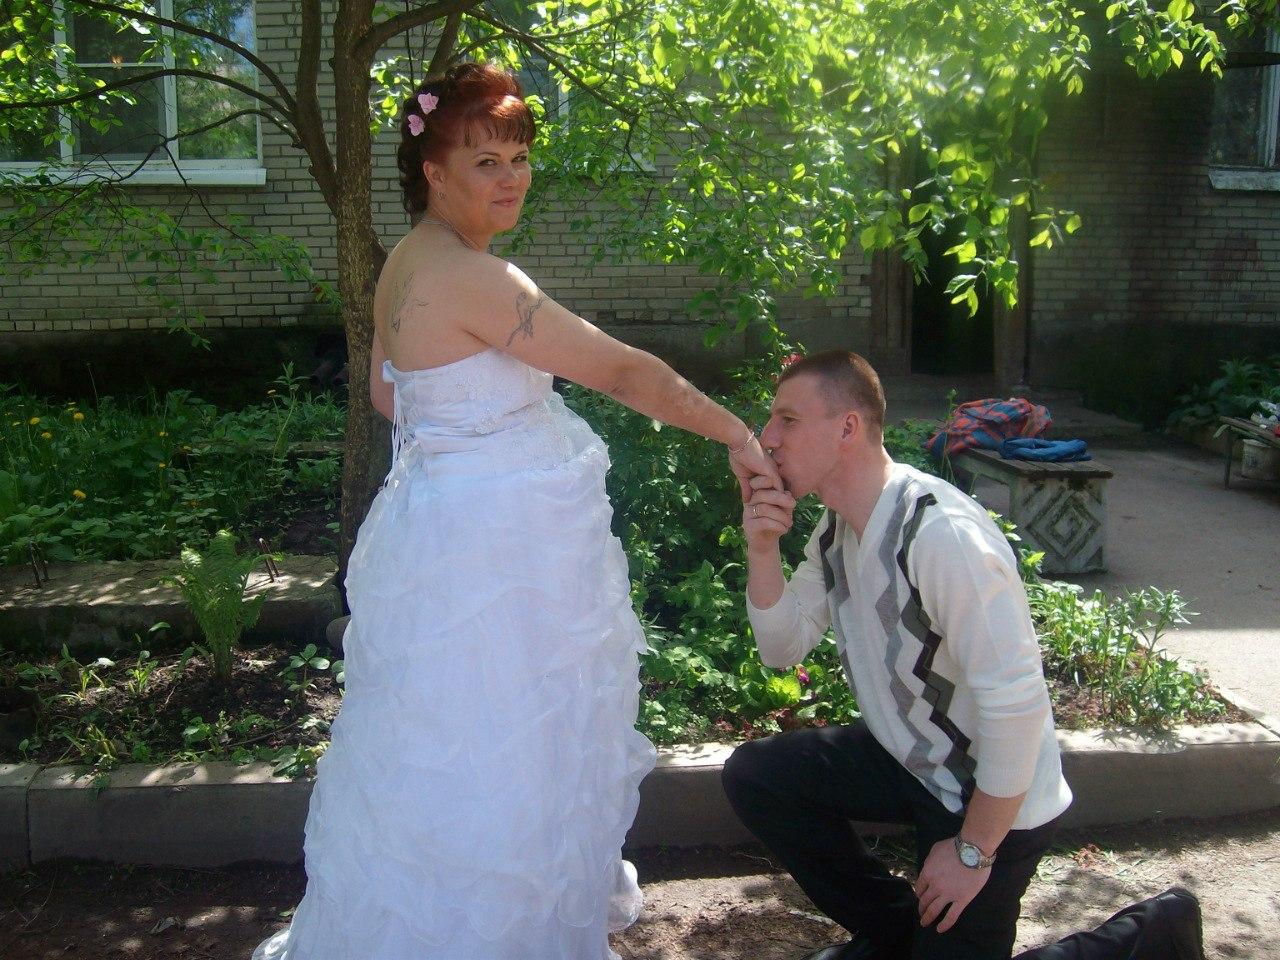 Русские свадьбы подсмотренное, Подглядывание за молодожёнами в спальне 11 фотография